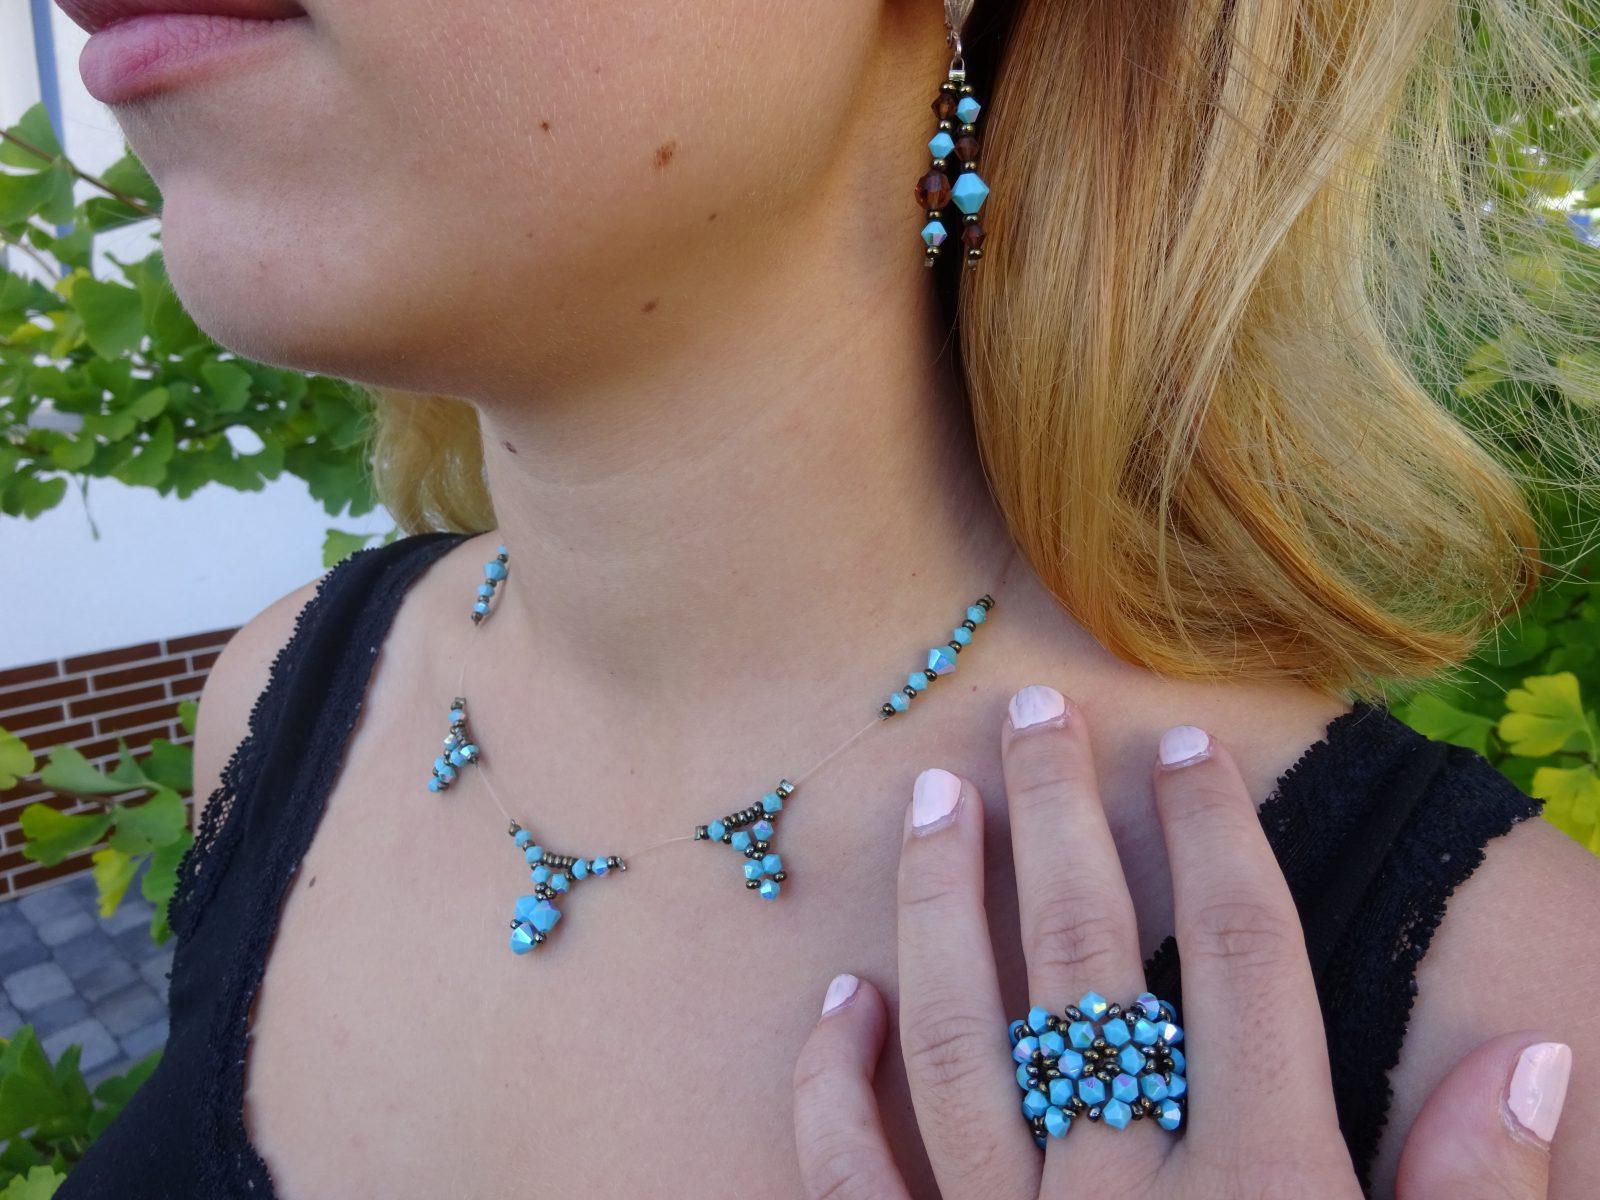 Tropfenkette, Ring und Ohrringe aus Swarovskisteinen